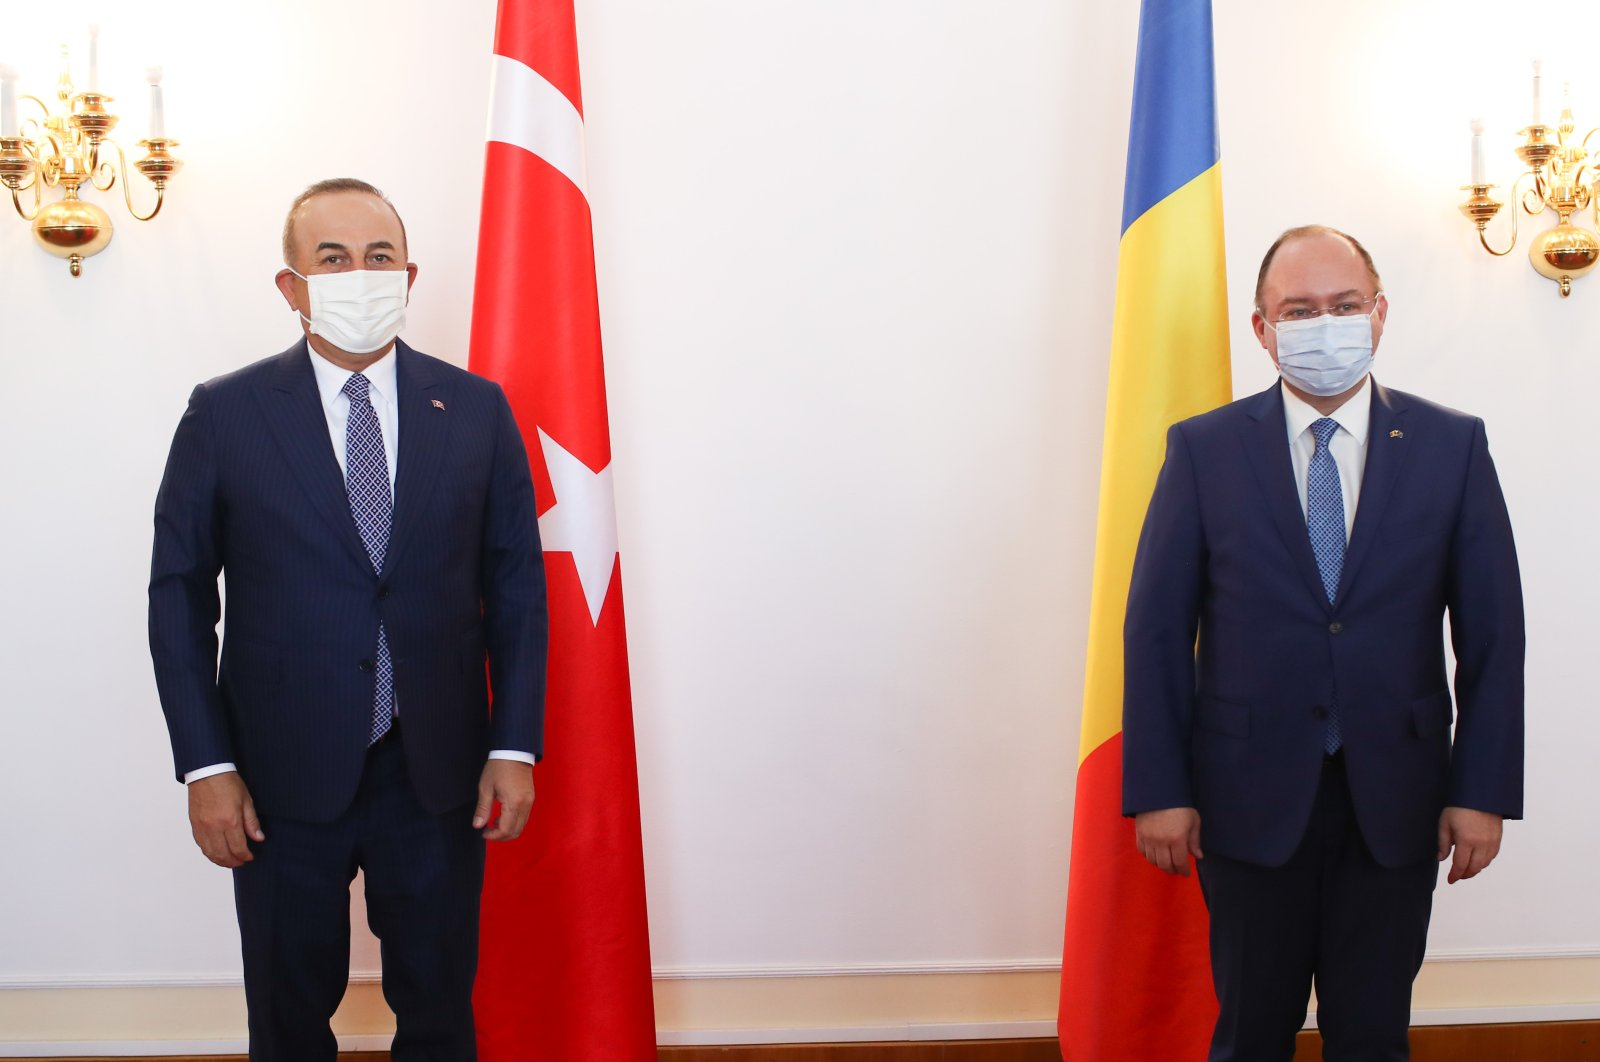 Turkish Foreign Minister Mevlüt Çavuşoğlu (L) and Romanian counterpart Bogdan Aurescu in Bucharest, Romania, April 22, 2021. (AA Photo)